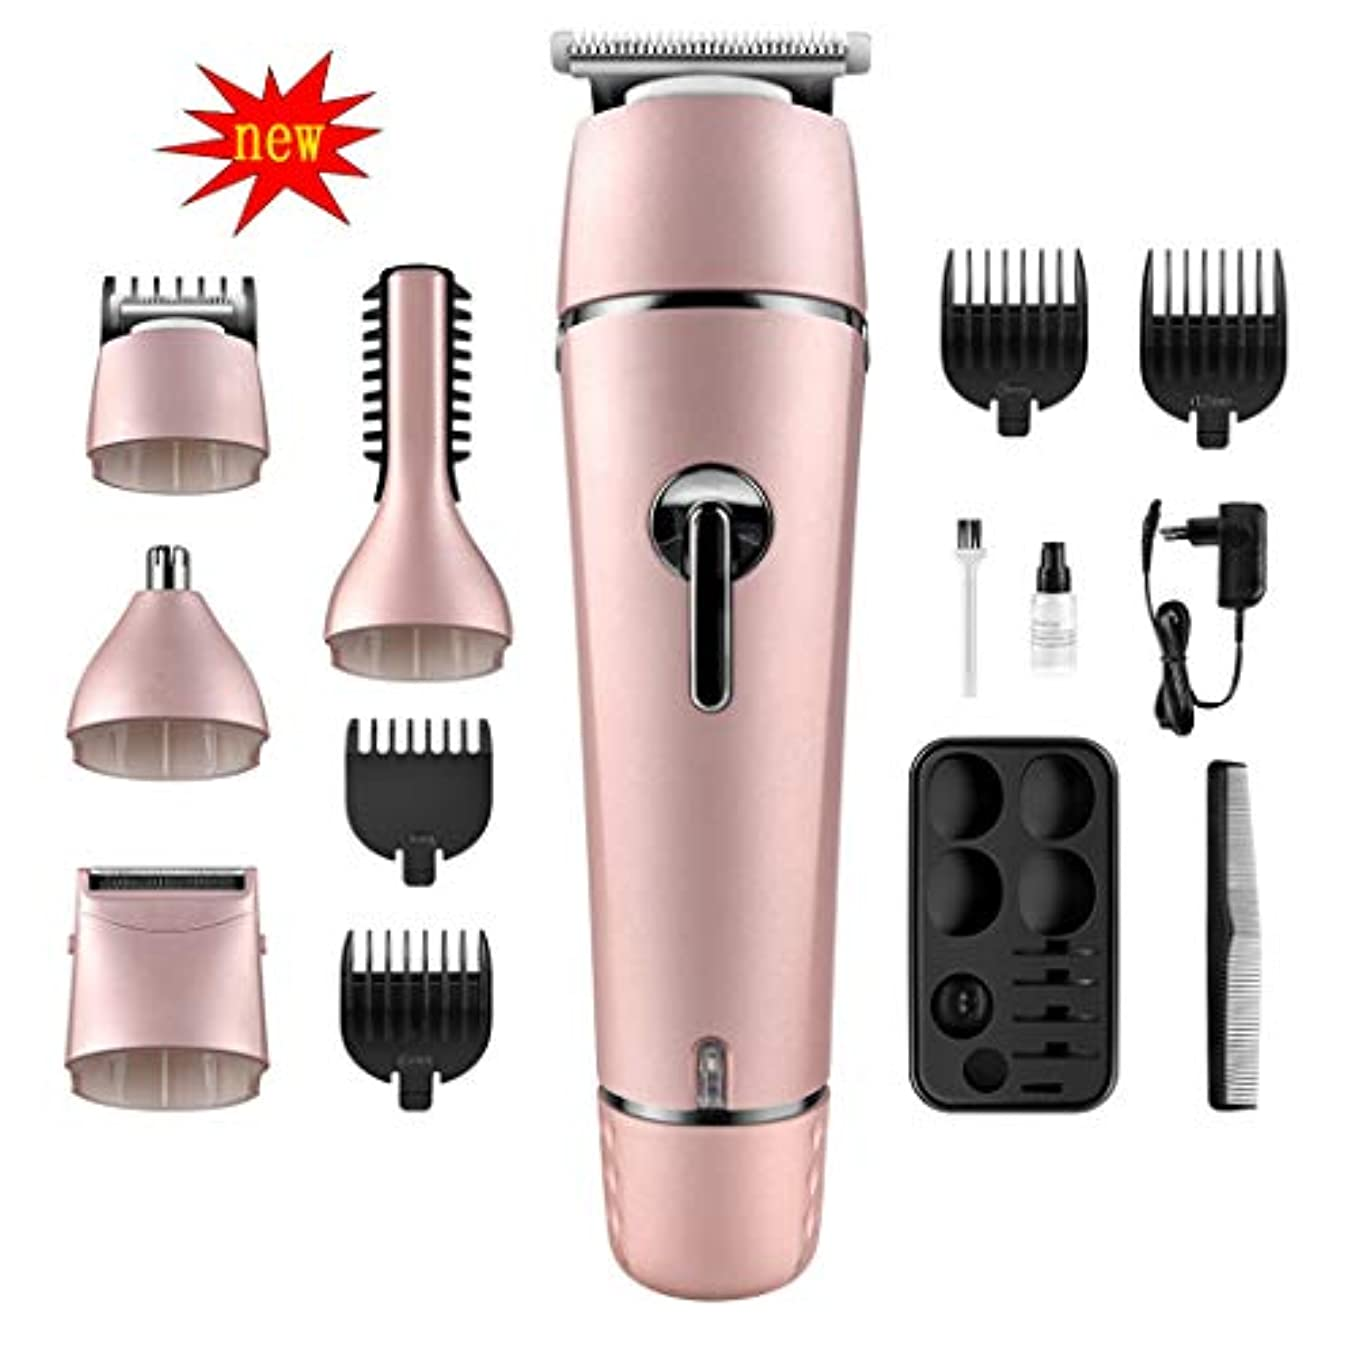 アラバマ非武装化動力学プロのバリカン、ヘアトリマー多機能電気5で1つの散髪家族セットトリマーと鼻毛-Pink